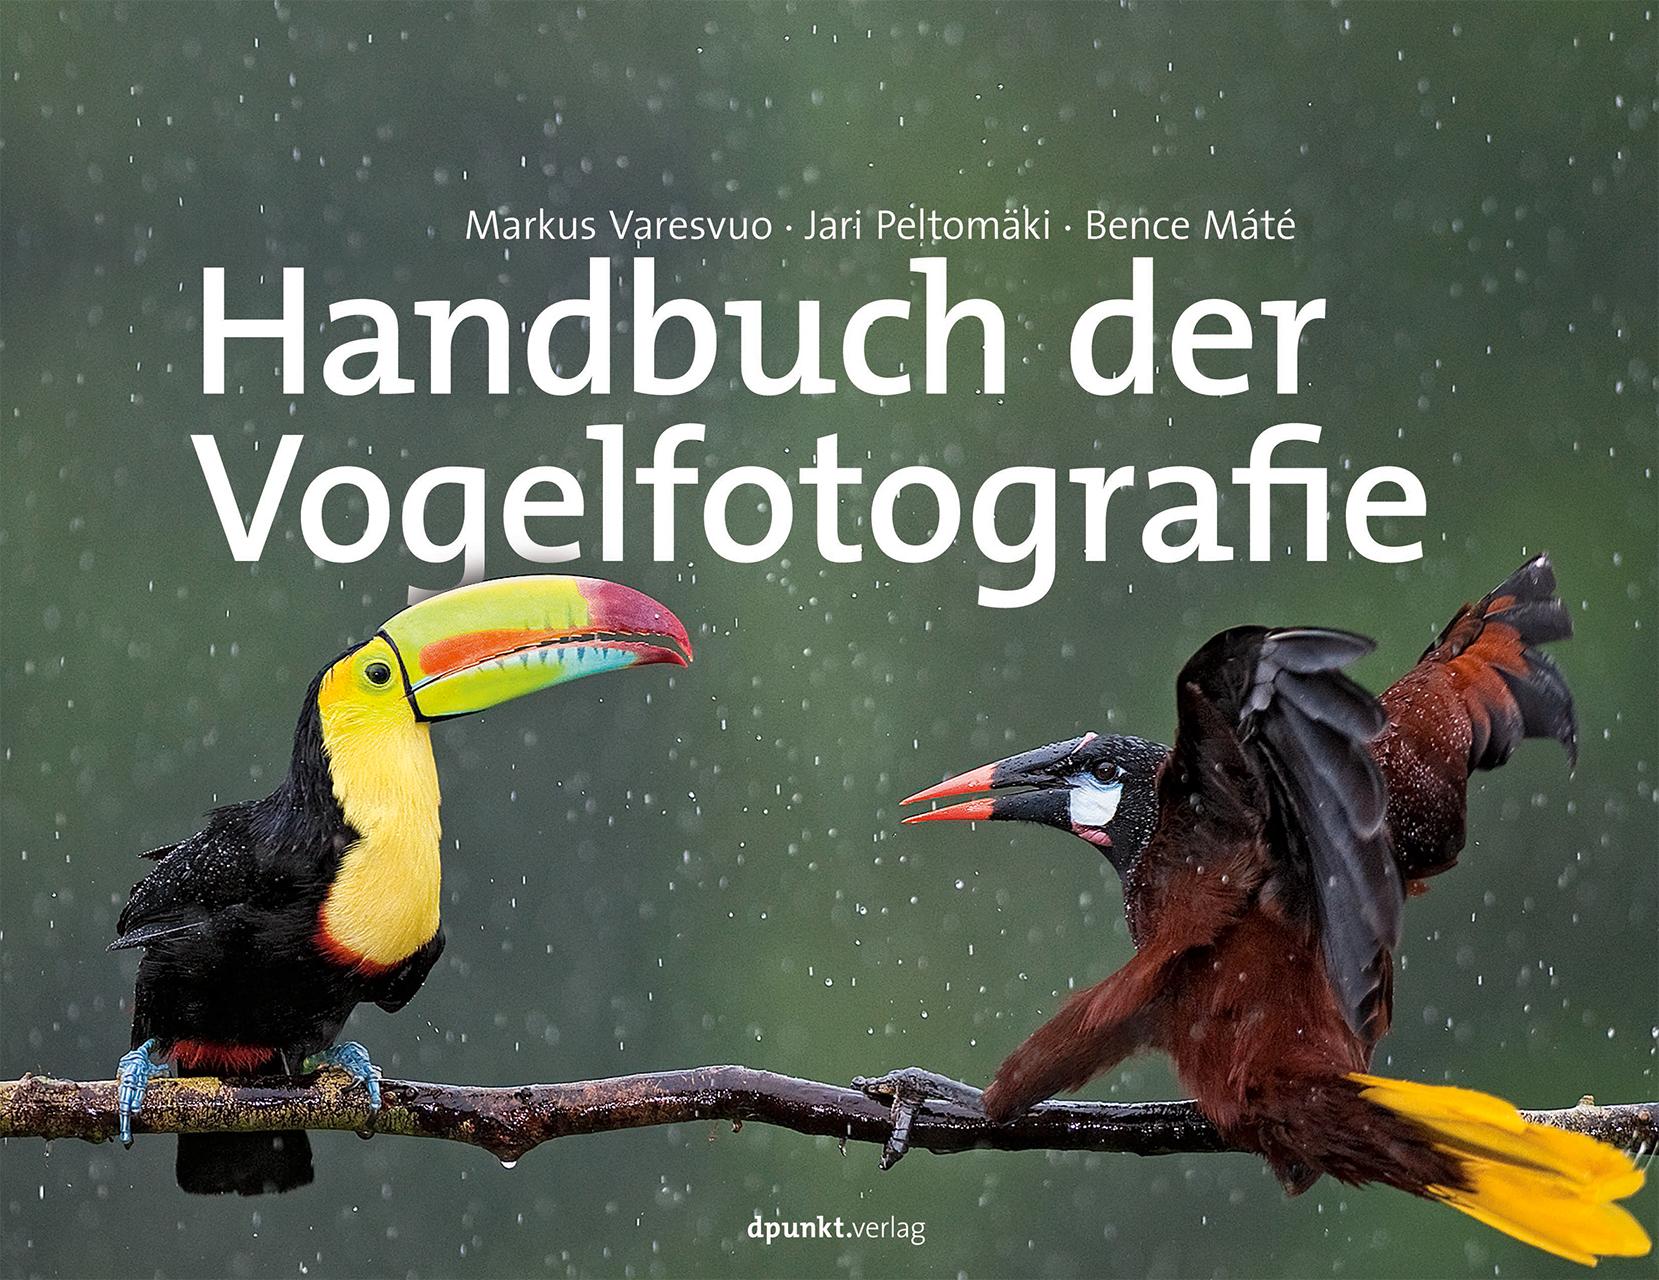 Handbuch der Vogelfotografie - Markus Varesvuo